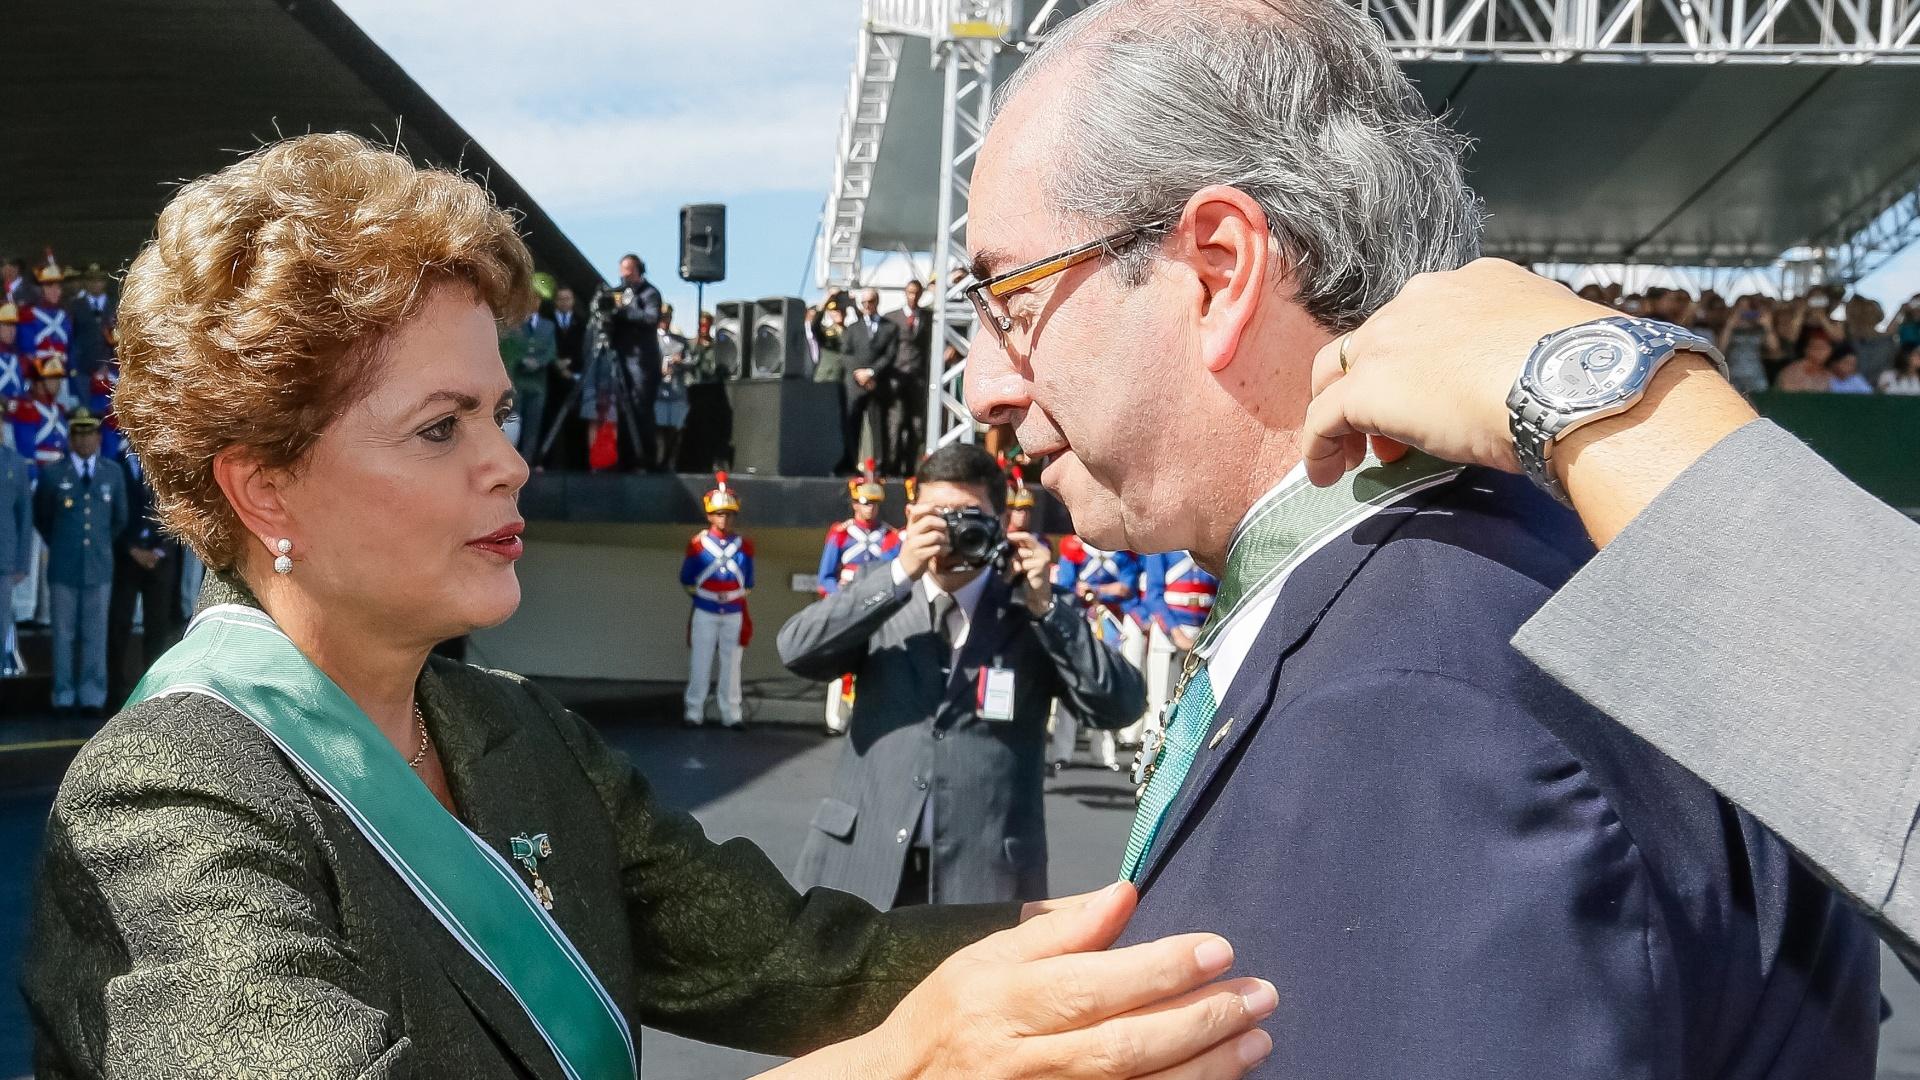 16.abr.2015 - Em cerimônia de celebração ao Dia do Exército, realizada em Brasília, a presidente Dilma Rousseff entregou medalhas de condecoração ao presidente da Câmara, Eduardo Cunha (PMDB-RJ), em Brasília. Após ser condecorado, Cunha disse que,